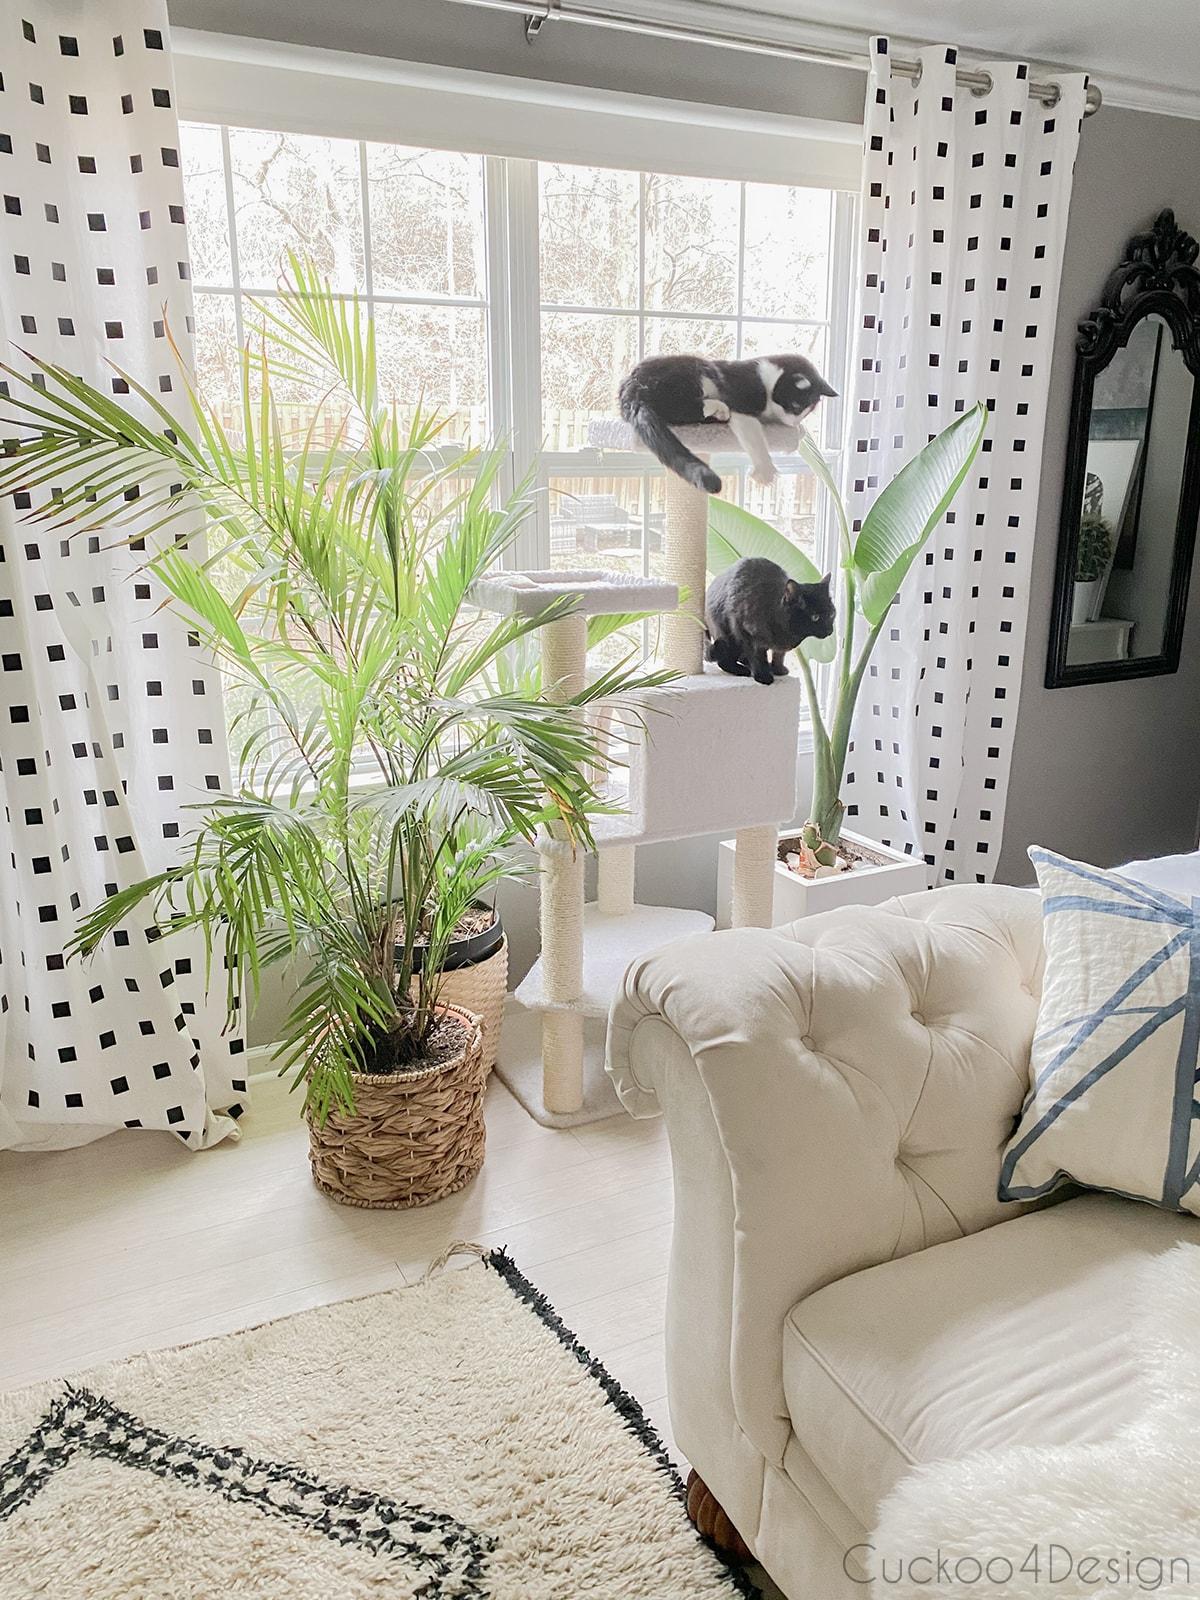 cat tree by bedroom window